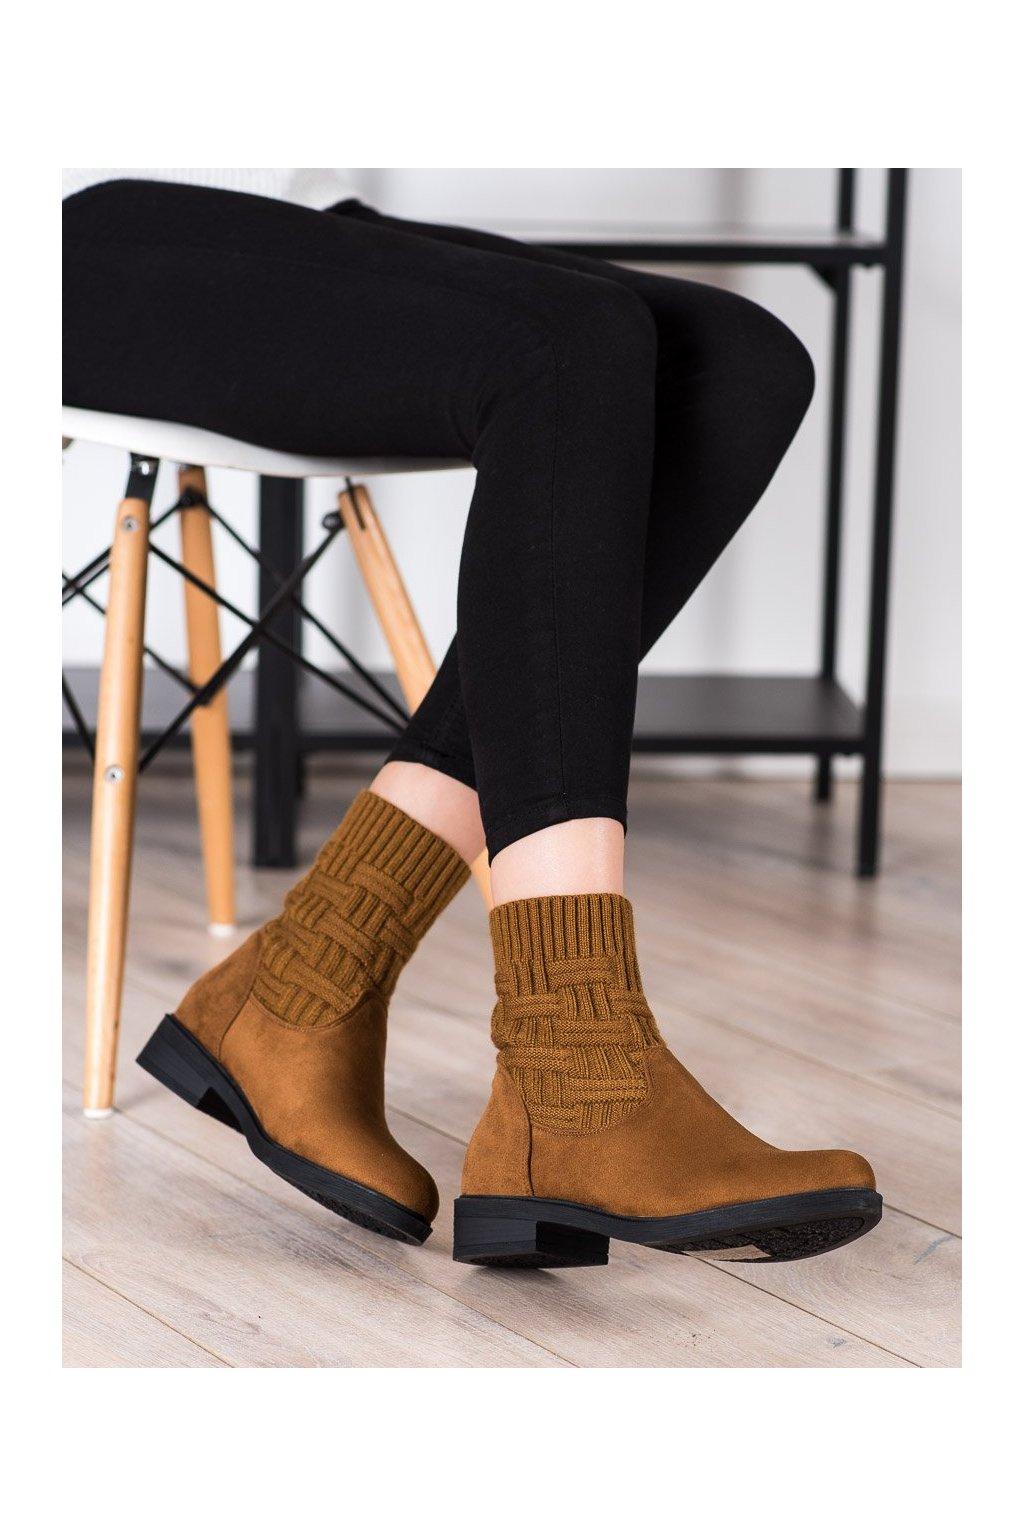 Hnedé dámske topánky Shelovet kod E2100C